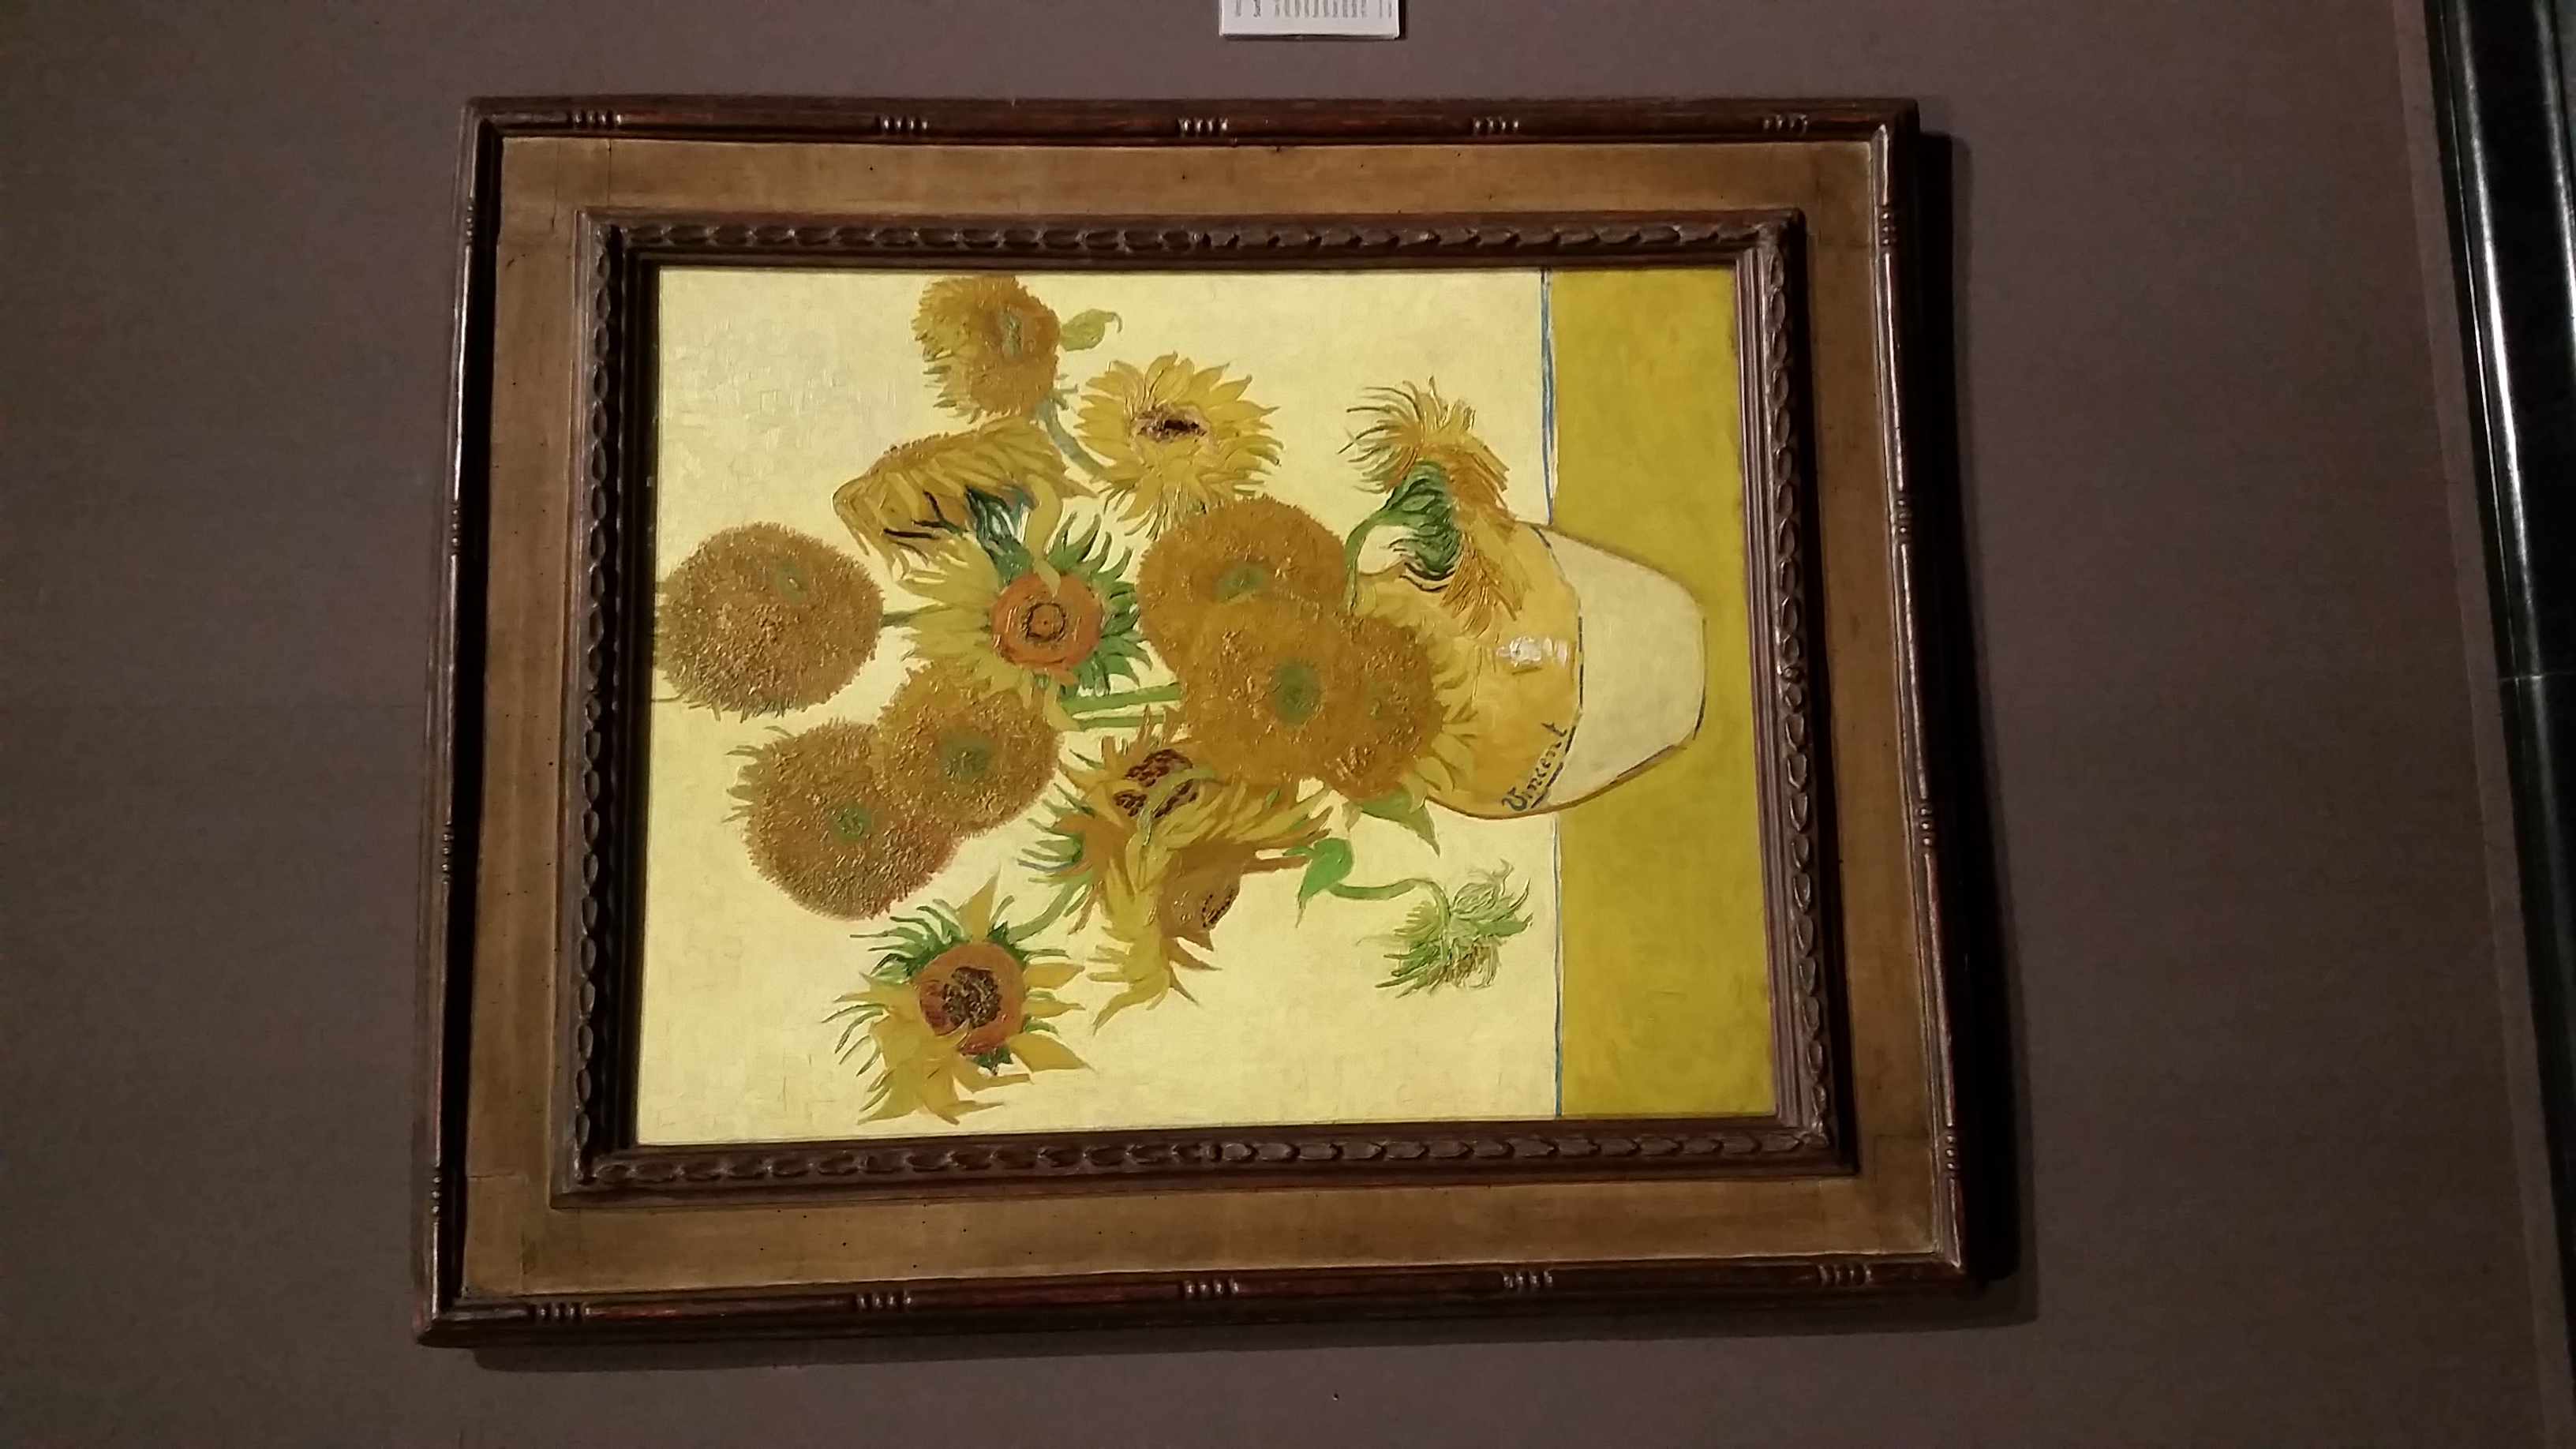 Tour Privado de National Gallery, Cuadro de vincent van gogh